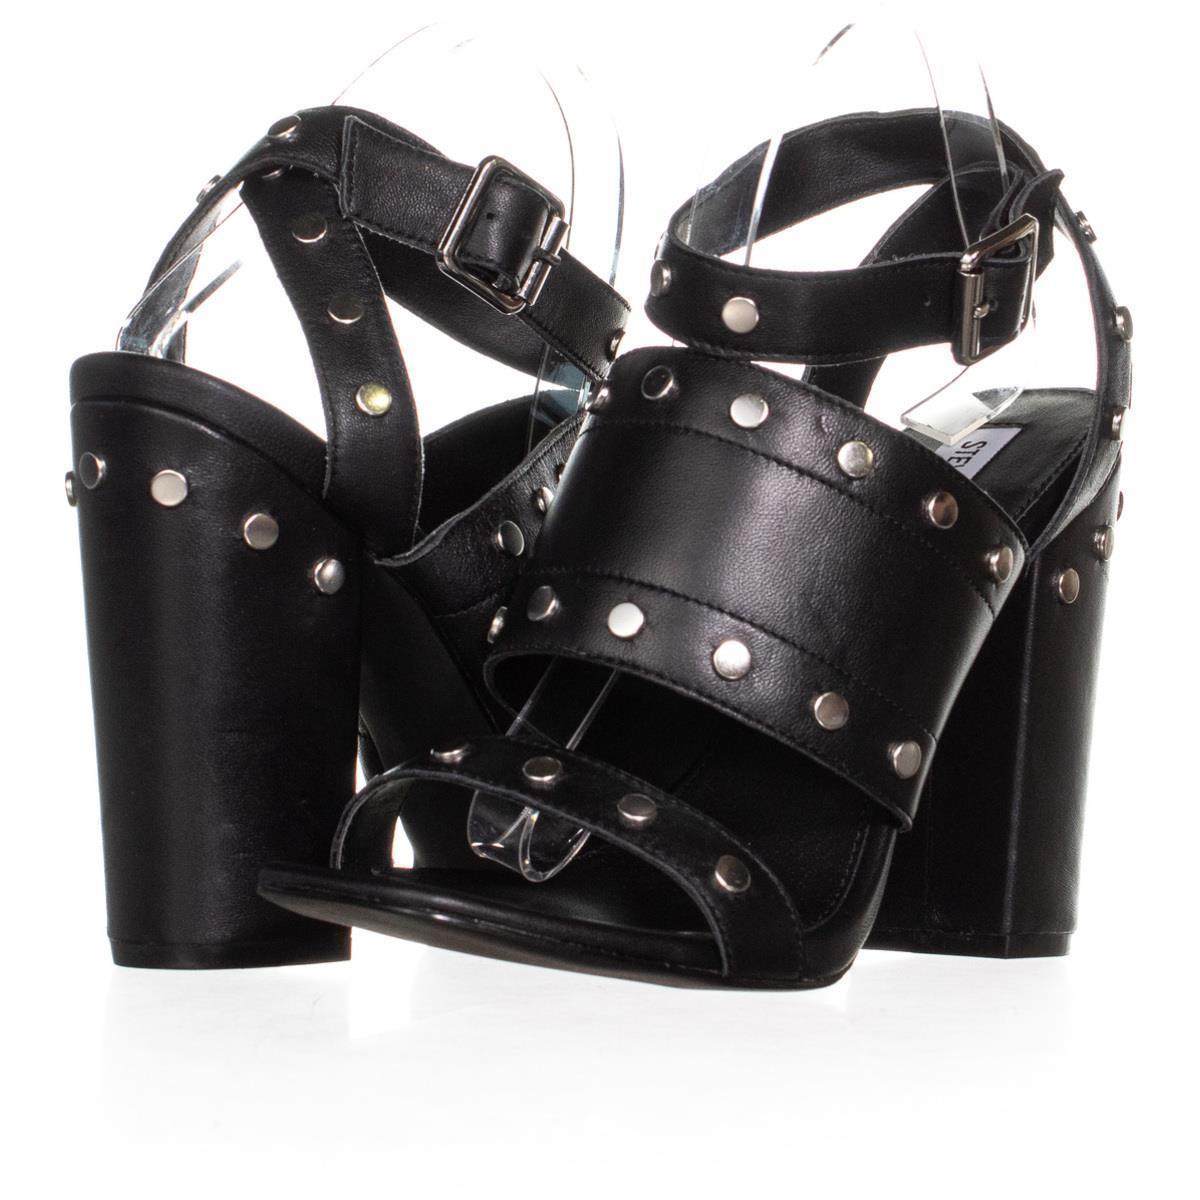 Fs 69535 steve madden jansen ankle strap dress sandals black 1